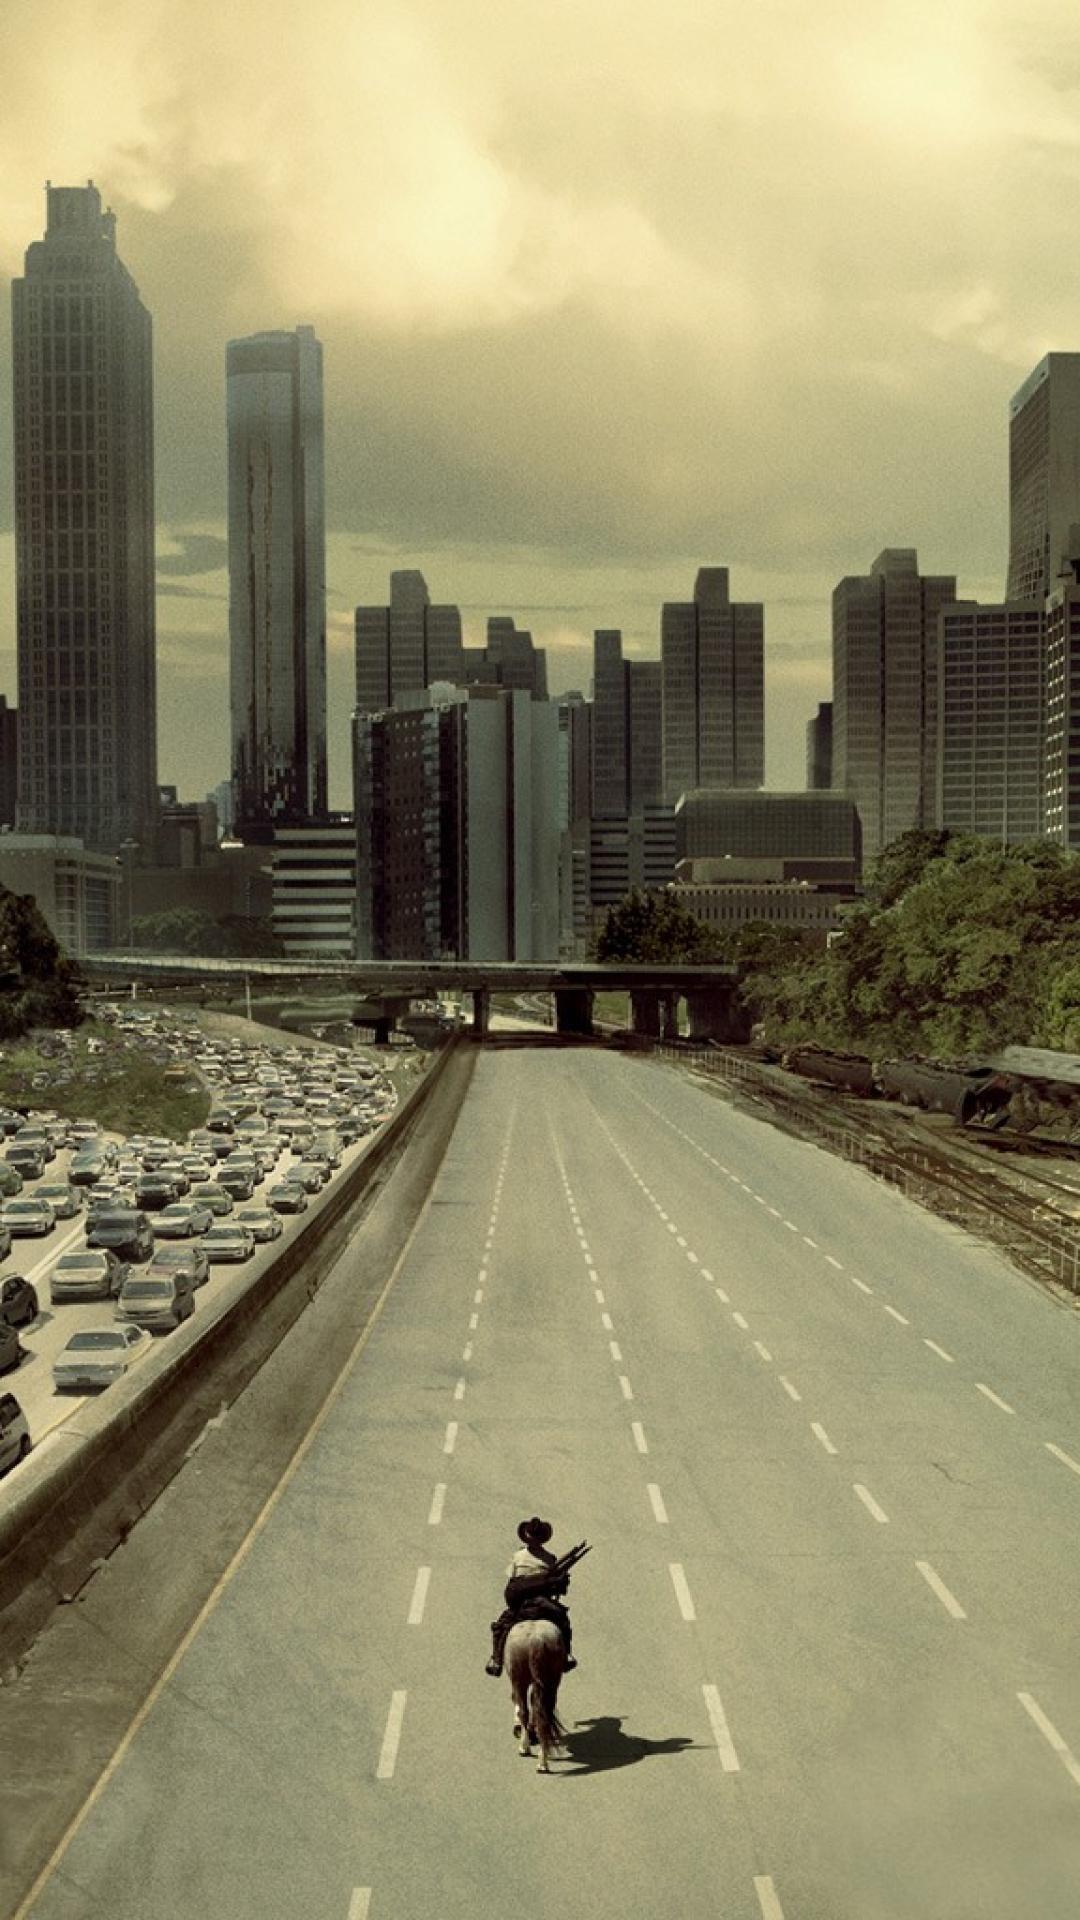 michonne-the-walking-dead-movie-mobile-wallpaper-1080×1920-